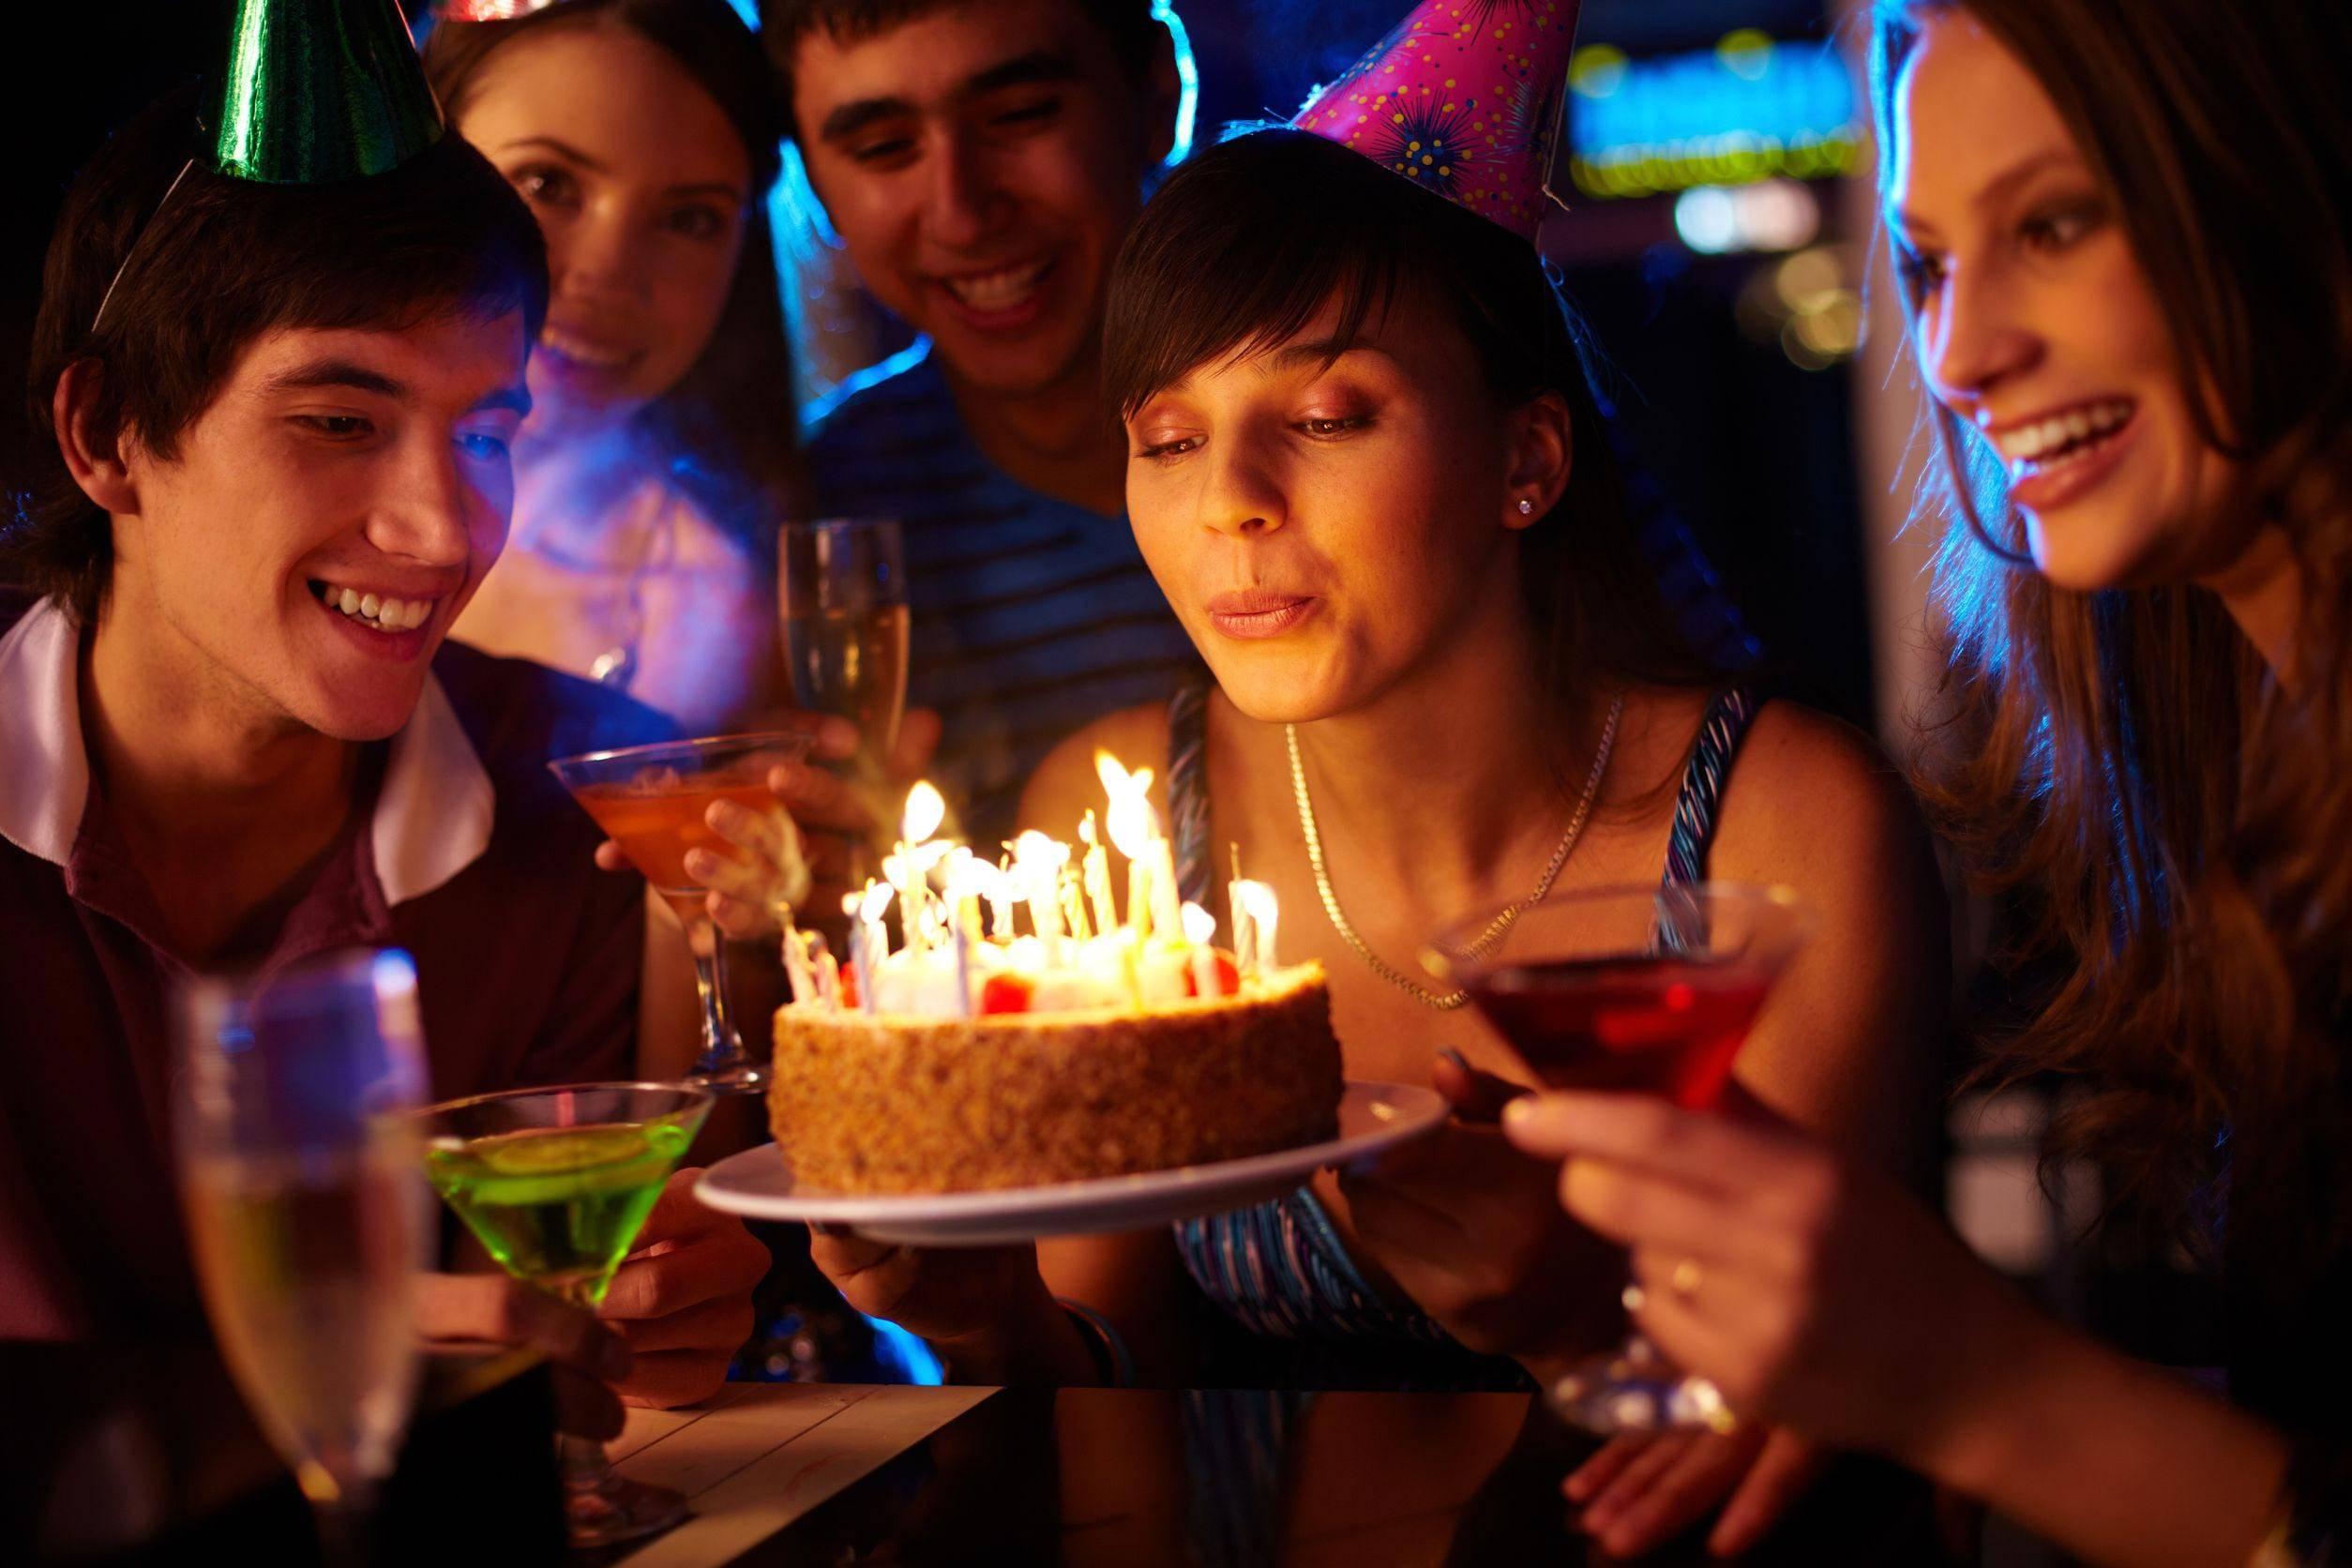 Приметы на день рождения: что нужно, а что нельзя делать